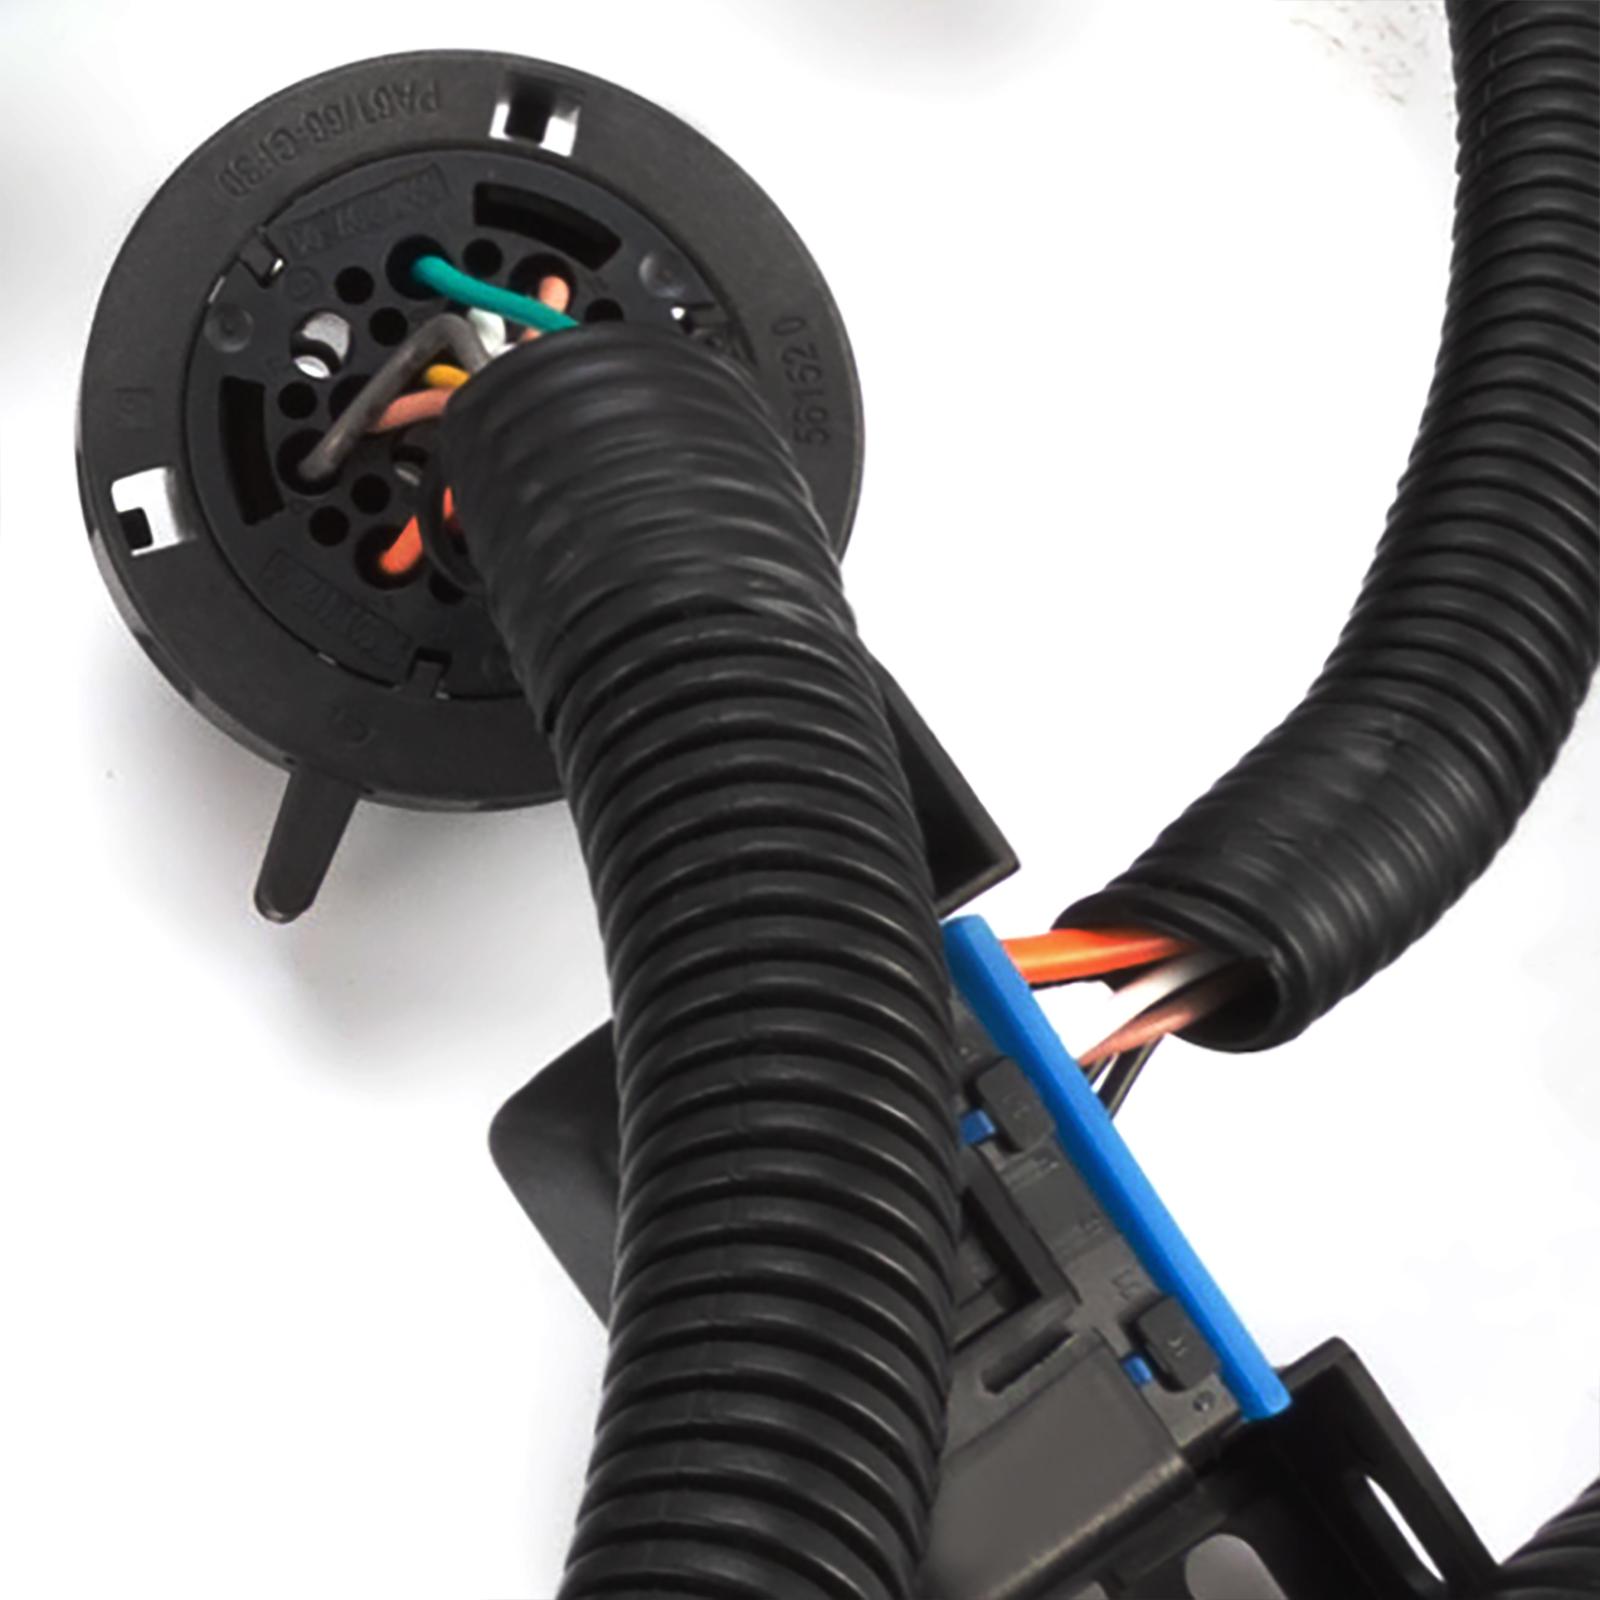 Hq Ls3 6 2l Psi Standalone Wiring Harness W